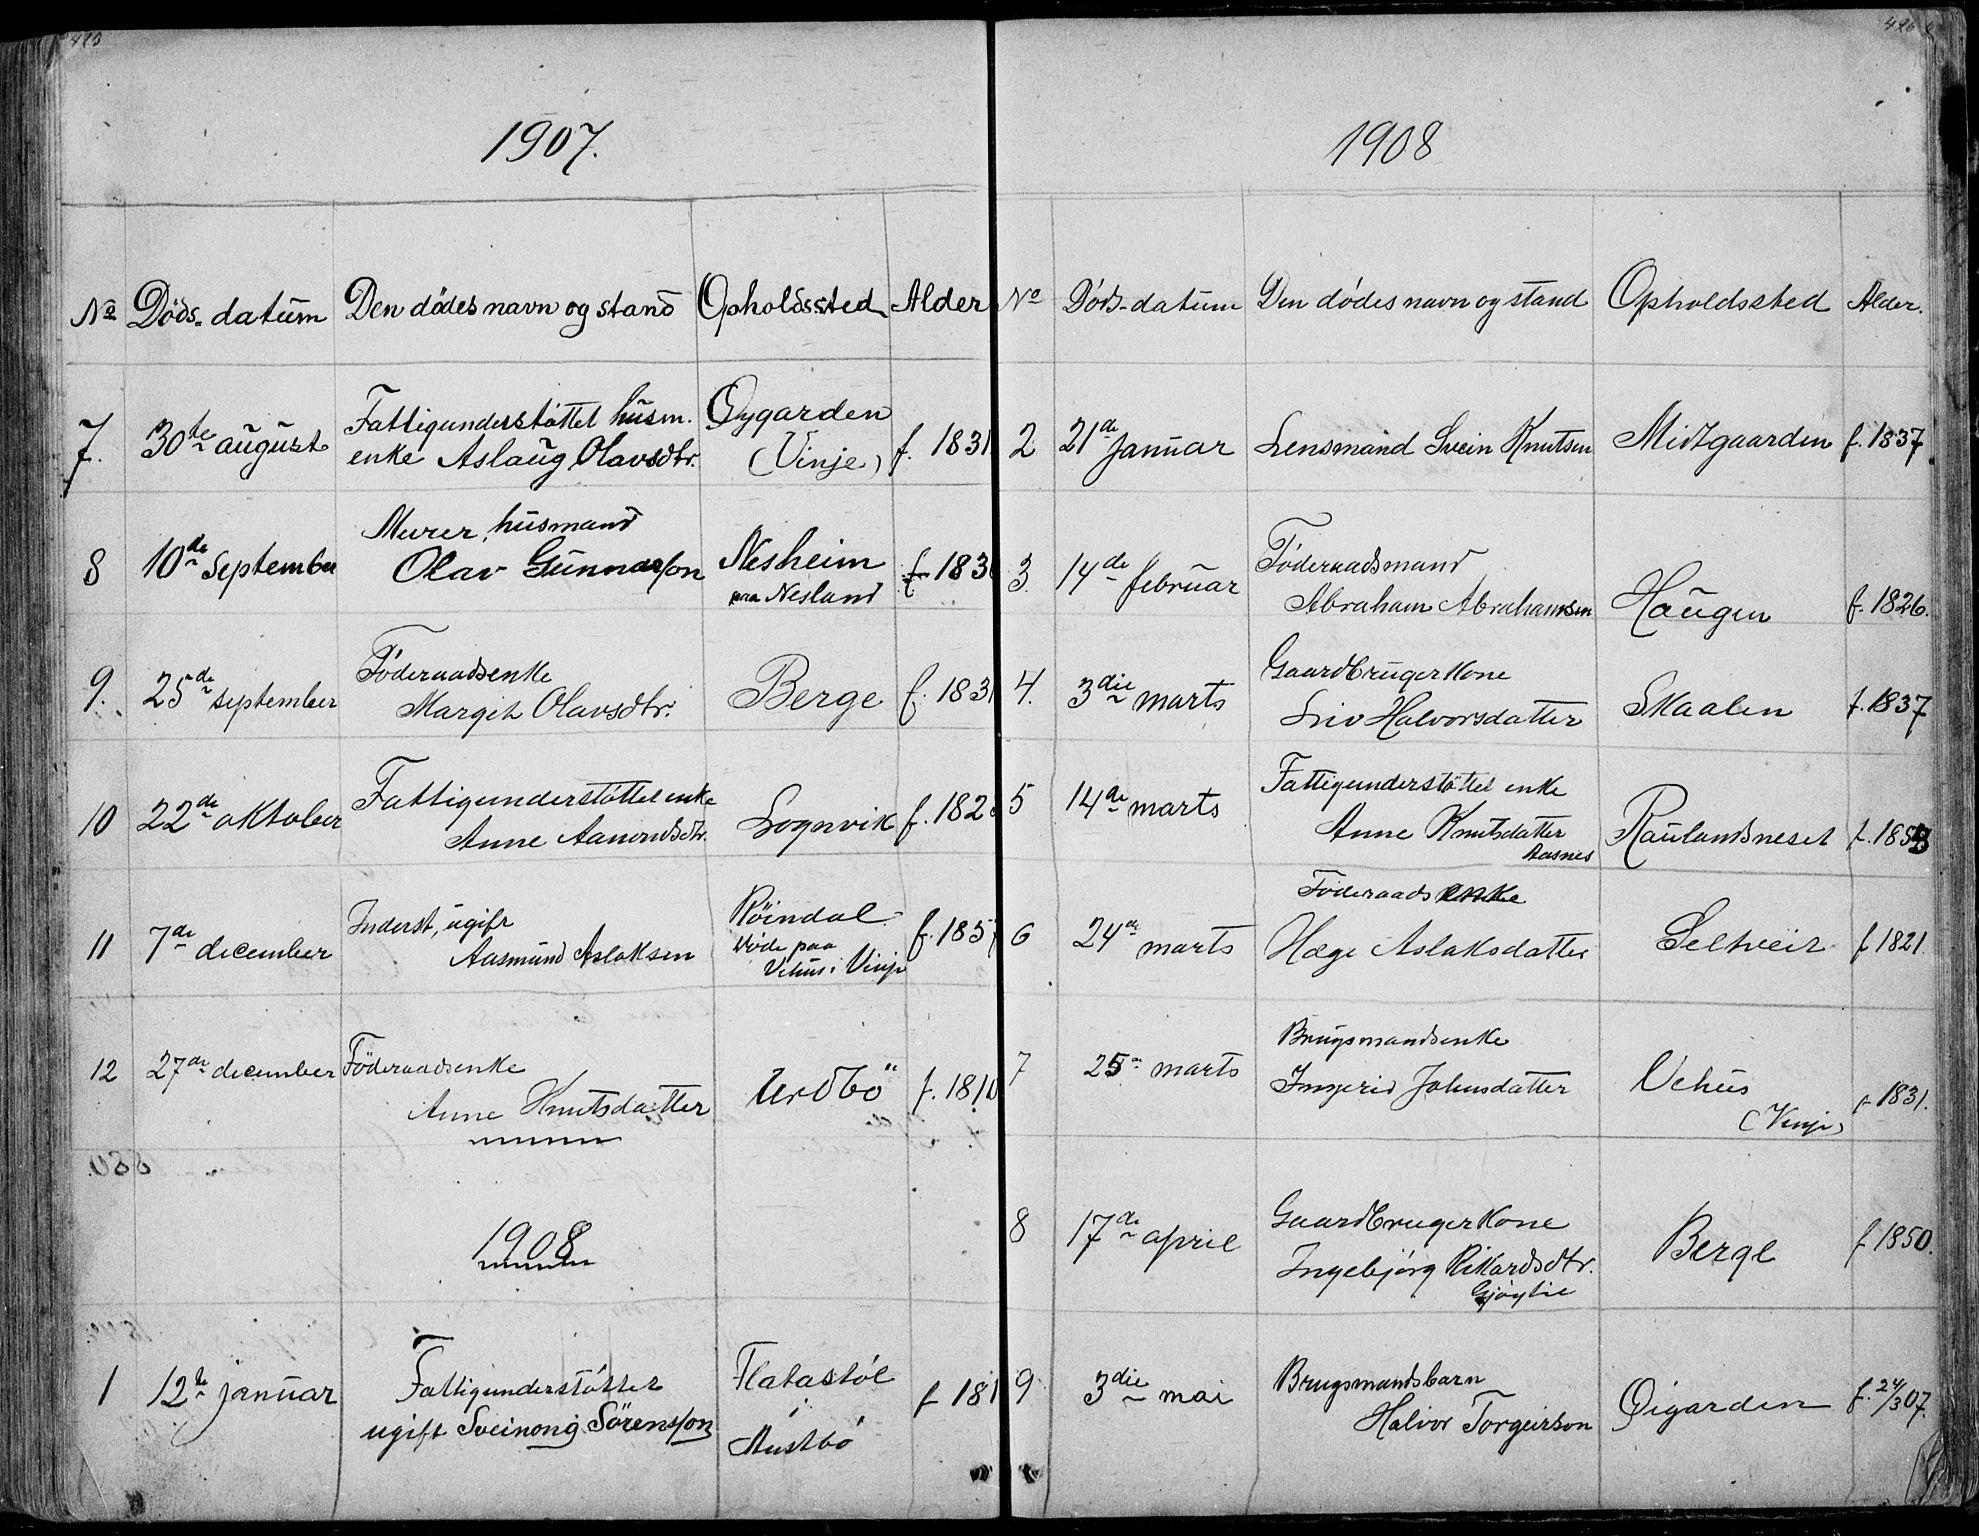 SAKO, Rauland kirkebøker, G/Ga/L0002: Klokkerbok nr. I 2, 1849-1935, s. 425-426